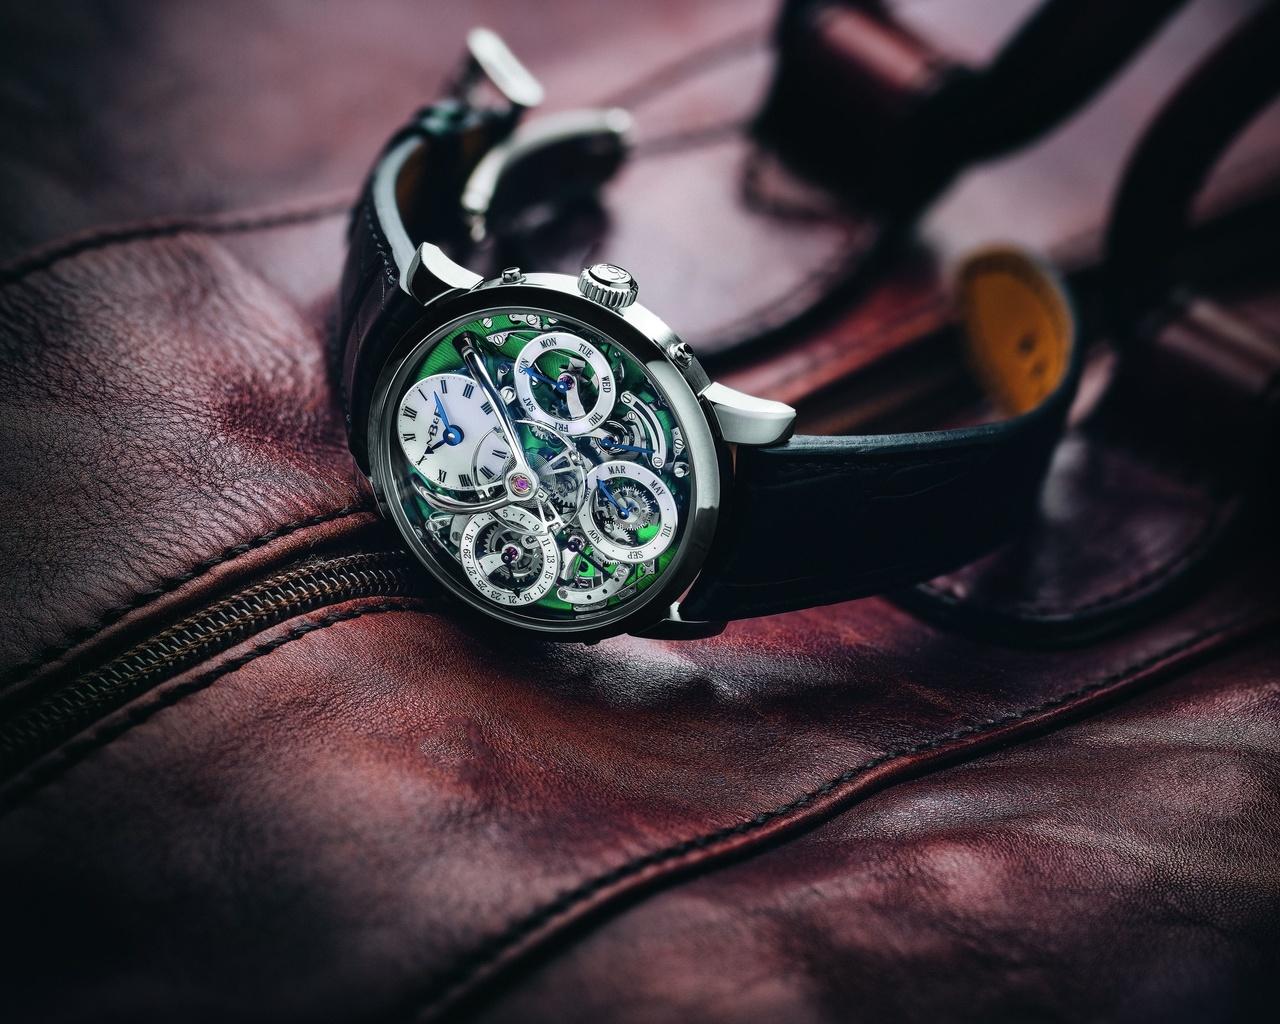 часы, время, сумка